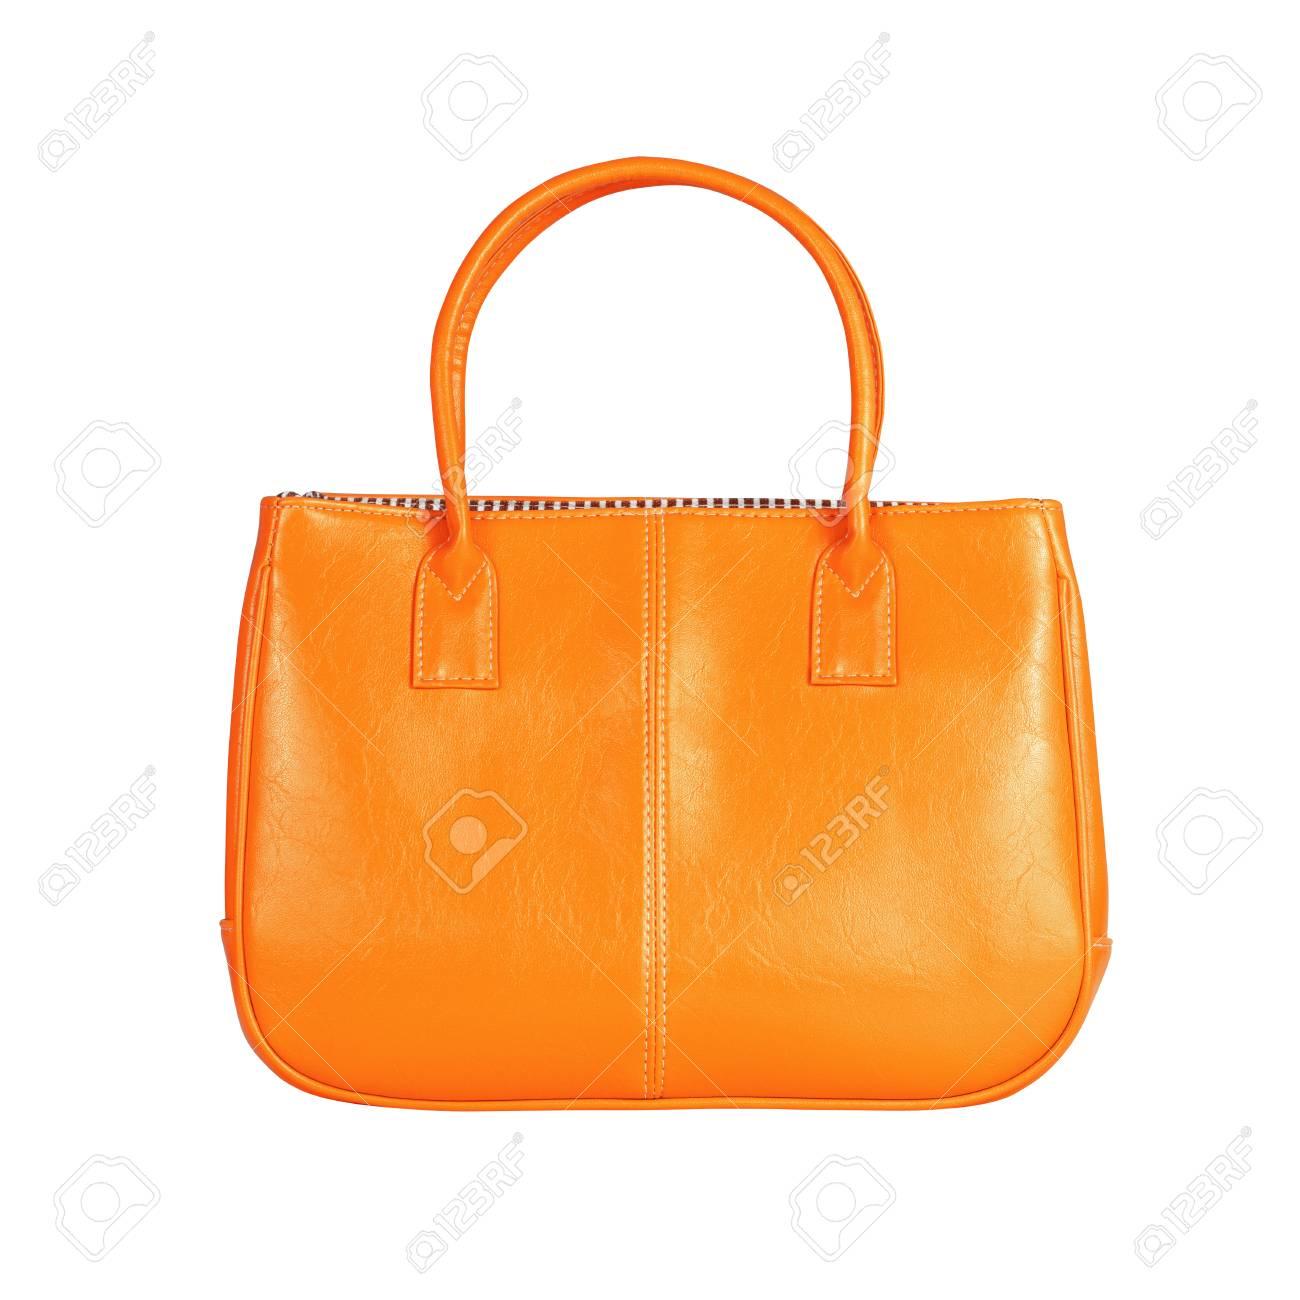 0342af90e Foto de archivo - Imagen de alta resolución de un bolso de cuero de color  naranja aislada sobre fondo blanco. Trazado de recorte de alta calidad  incluido.